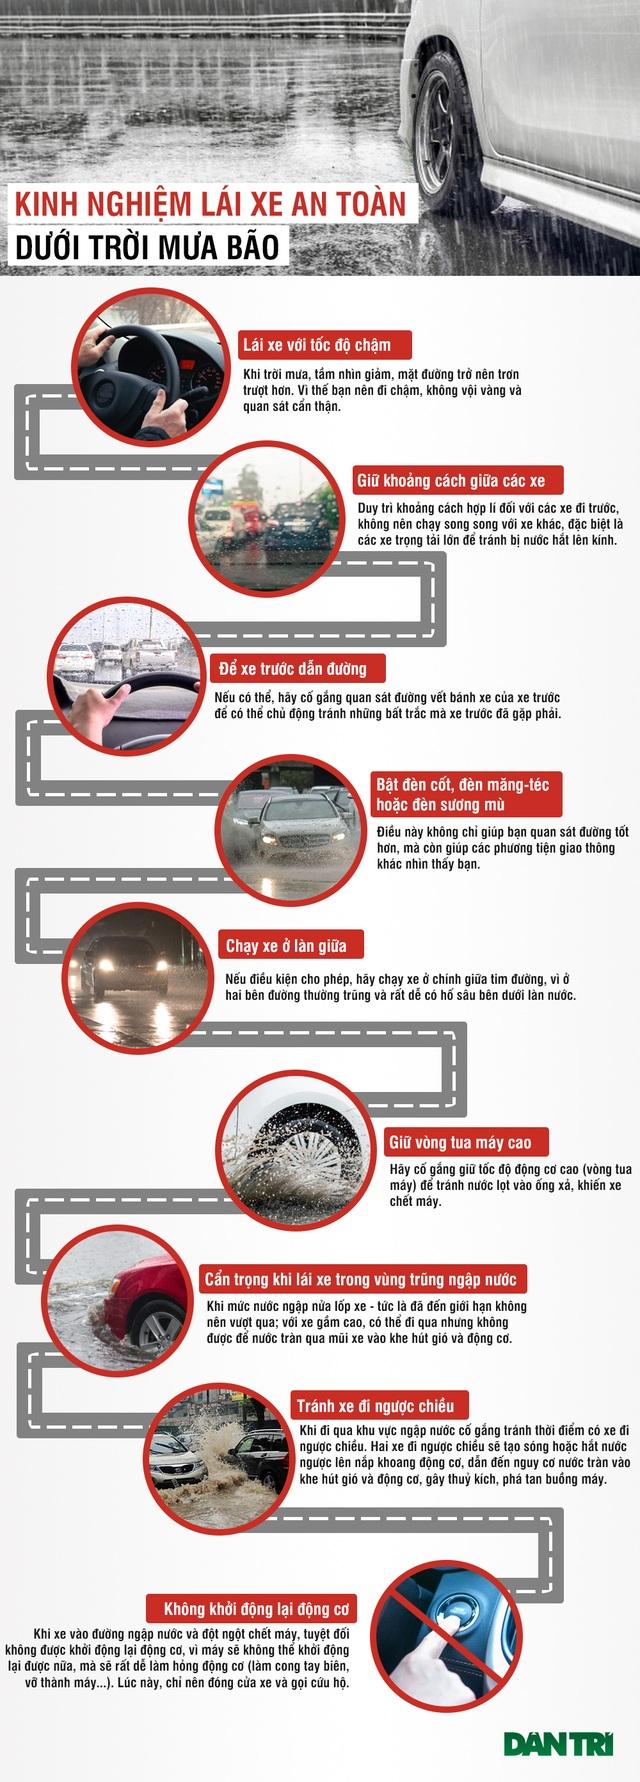 Kinh nghiệm lái xe an toàn dưới trời mưa bão - 1